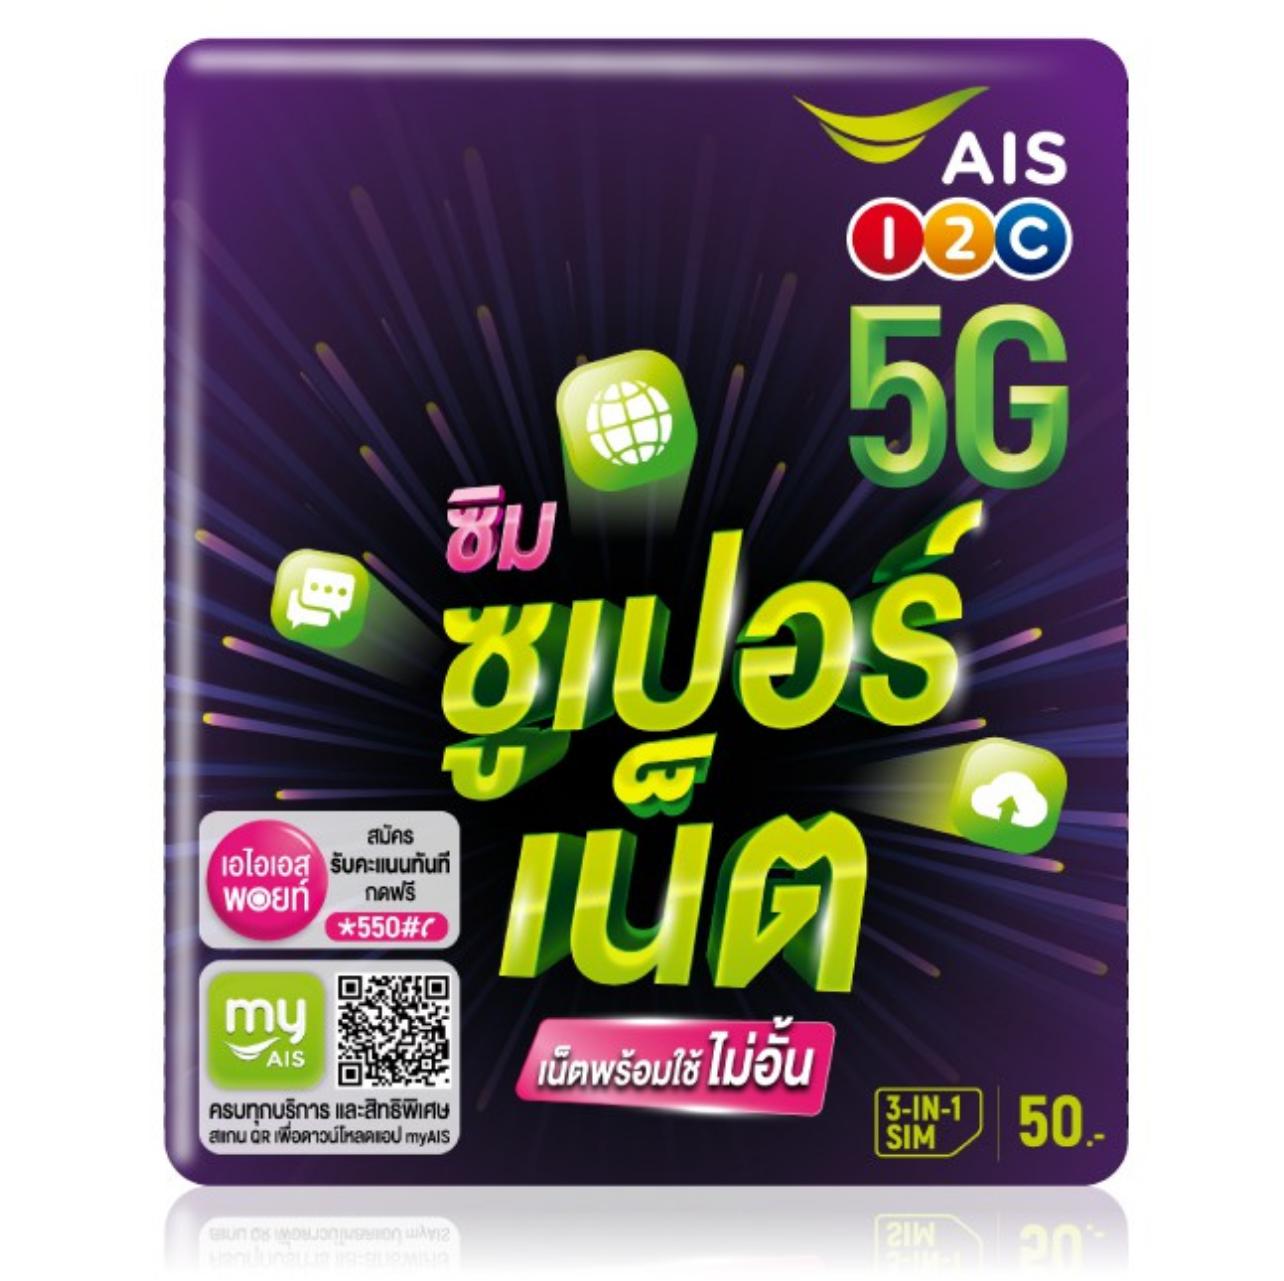 AIS Super Net SIM